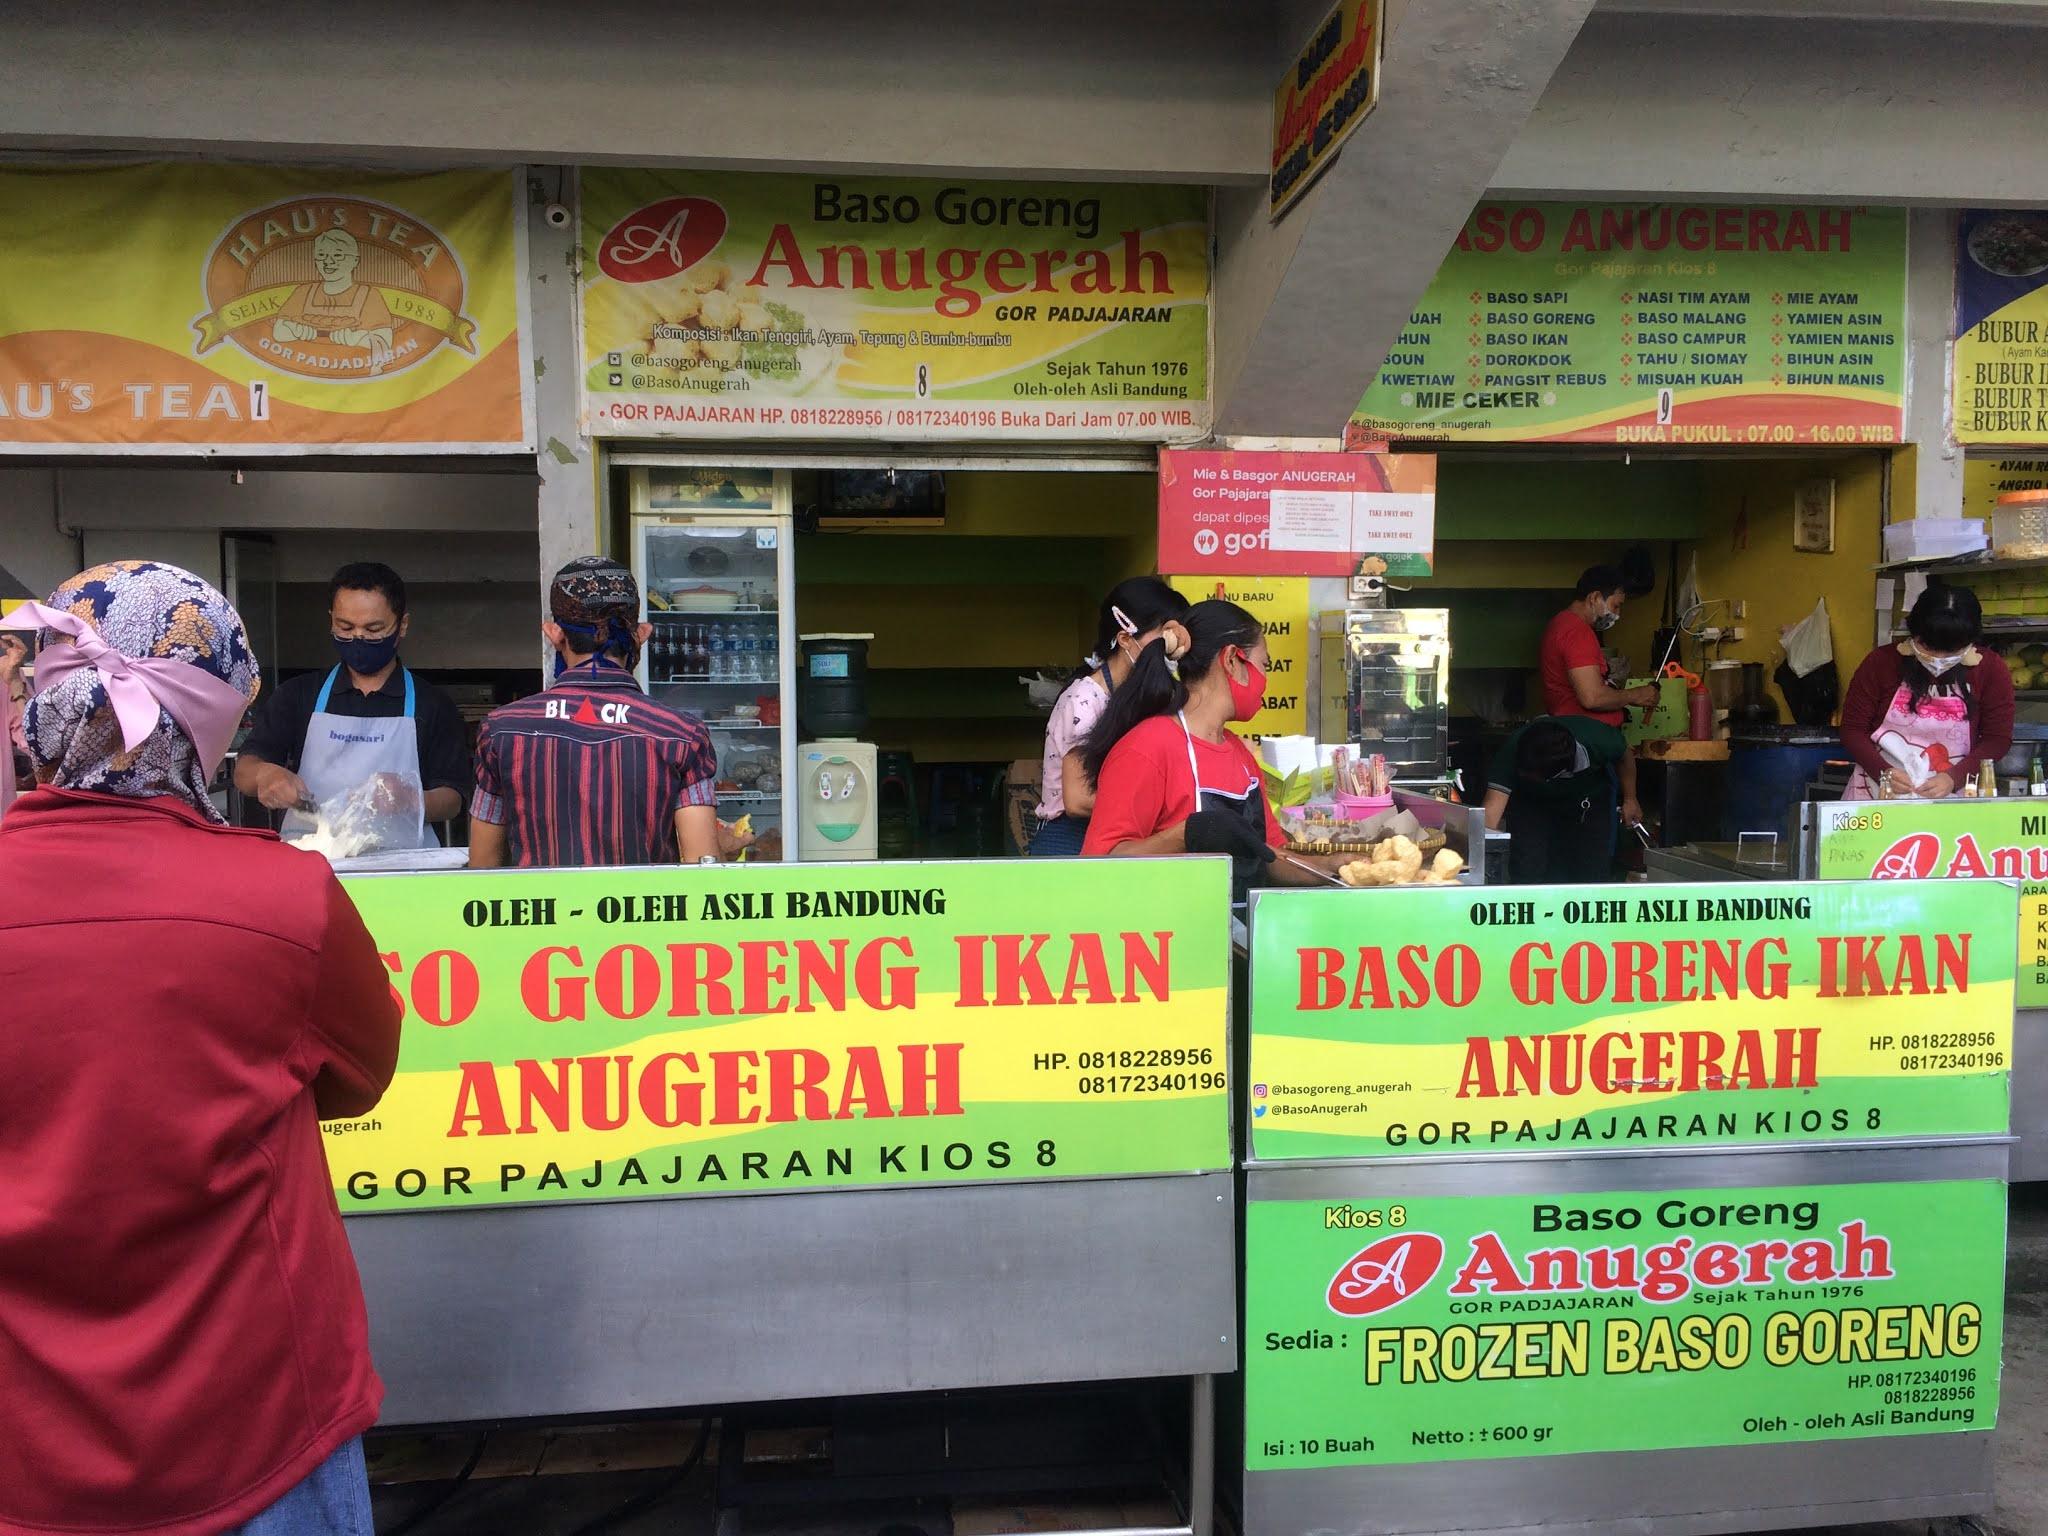 Bakso Goreng Ikan Anugerah, Bandung